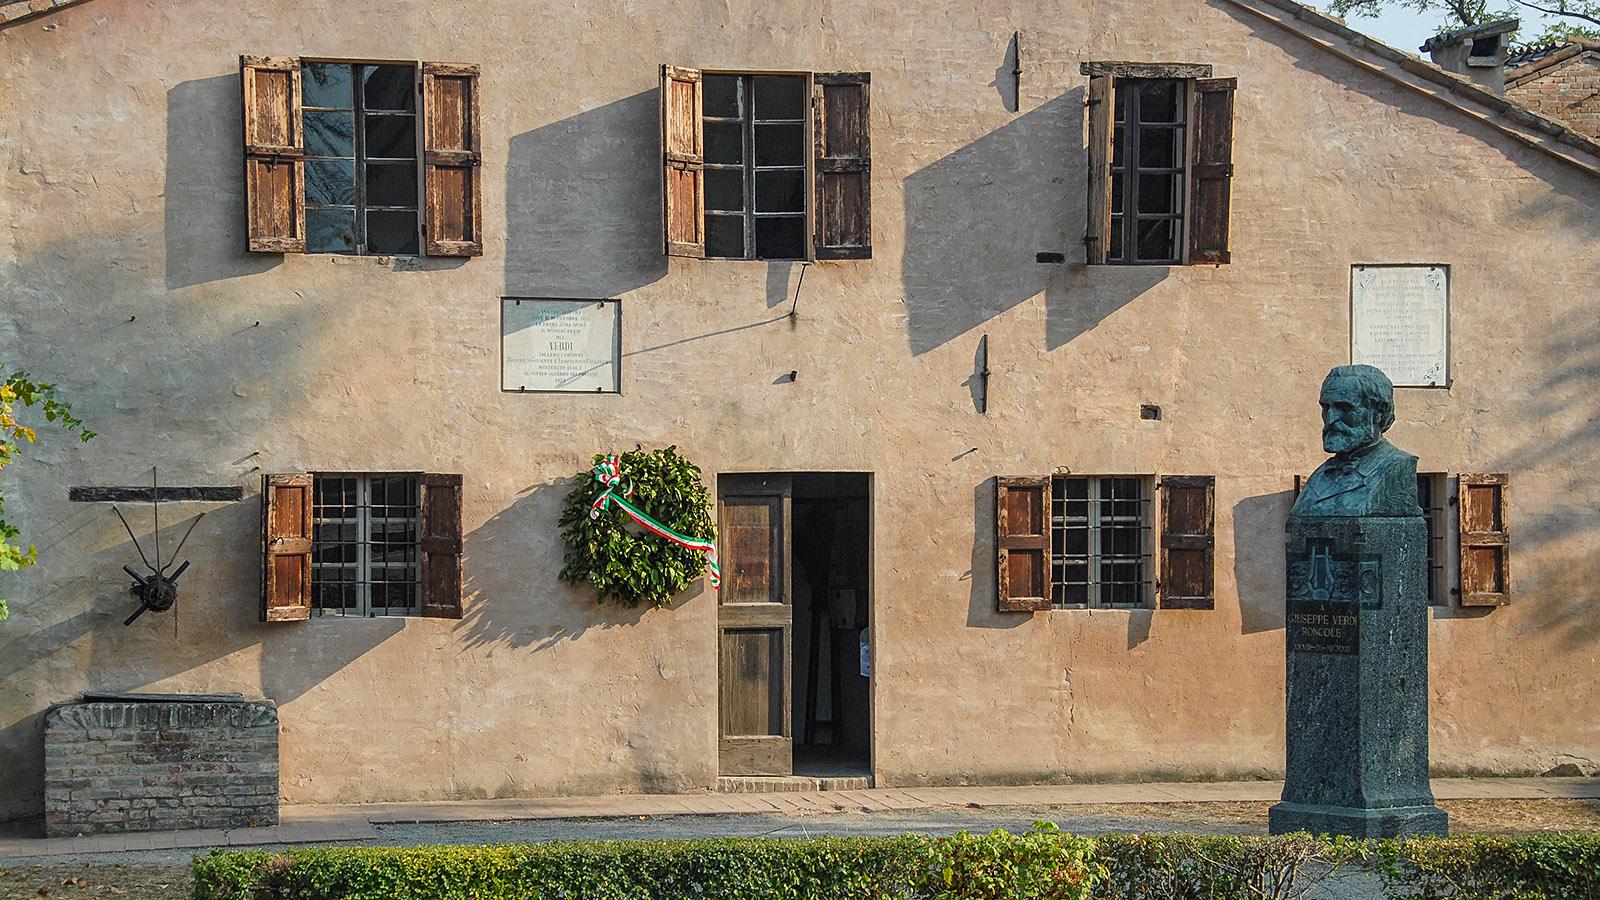 Das Geburtshaus von Guiseppe Verdi in Roncole Verdi. Foto: Hilke Maunder